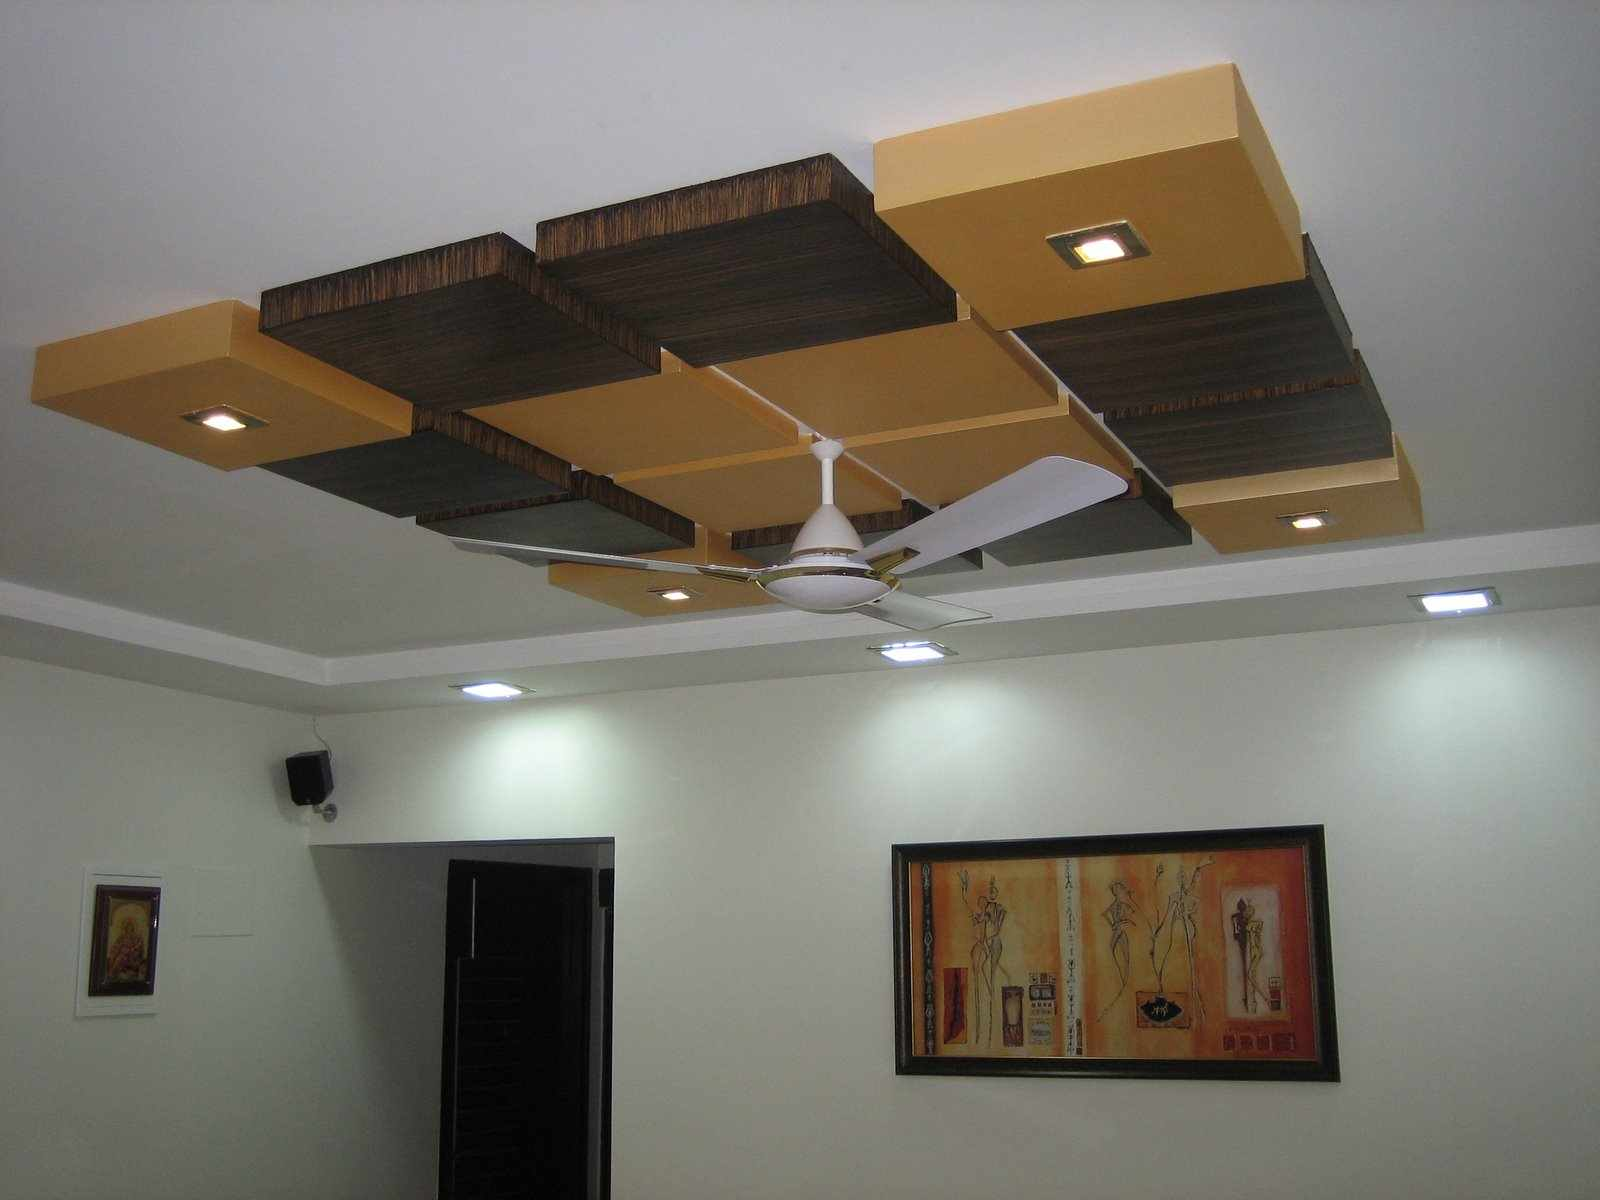 Modern pop false ceiling designs for bedroom interior 2014 ...